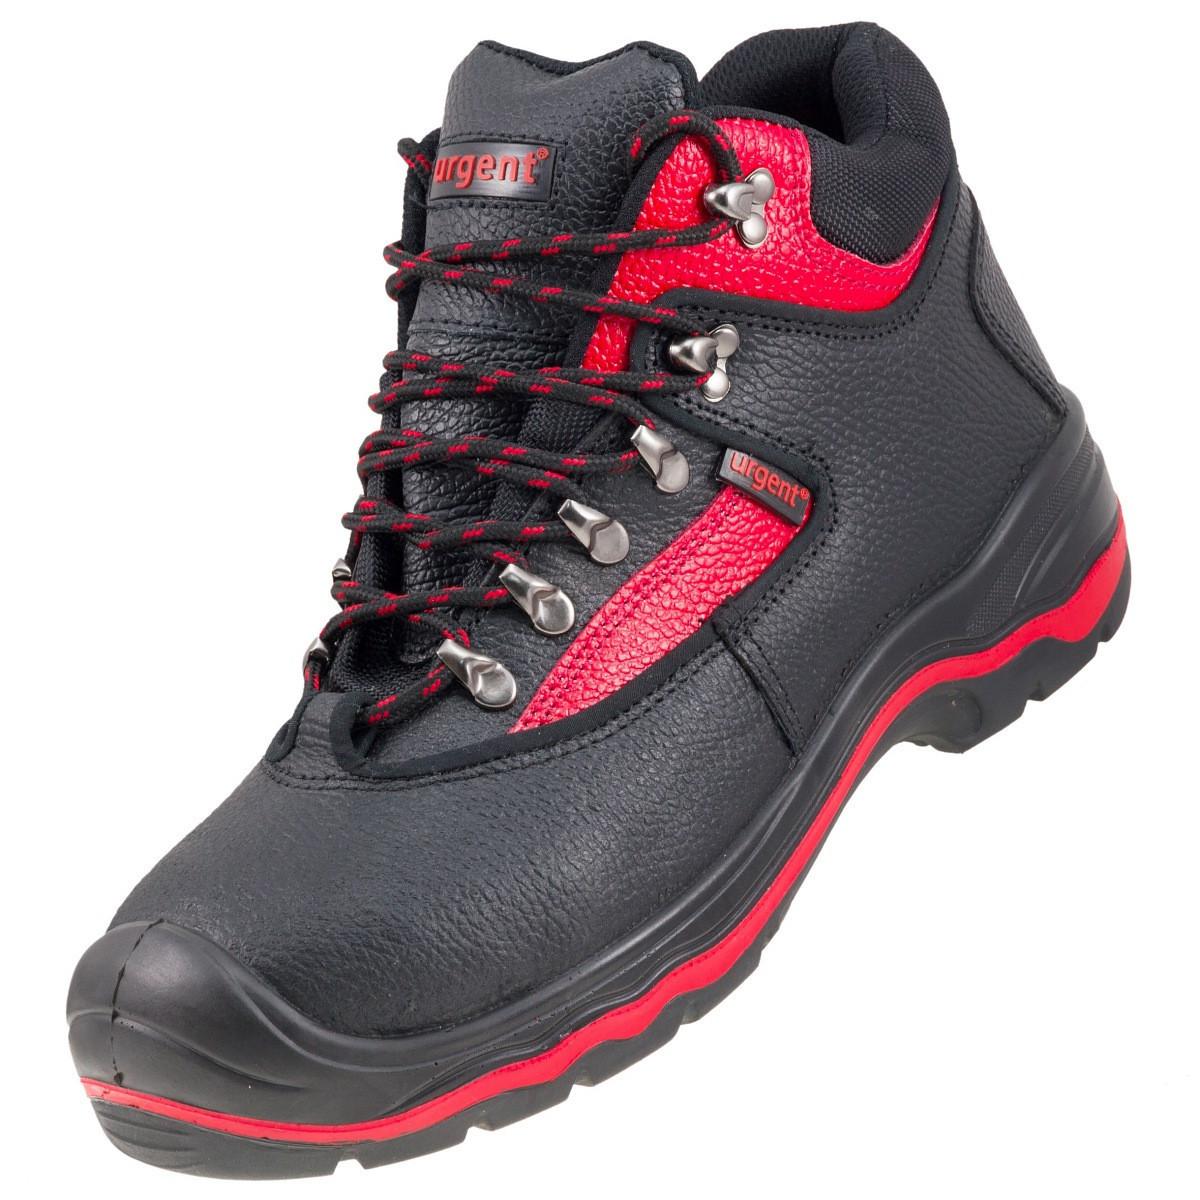 Обувь 102 S3 TPU с металлическим носком и антипрокольной подошвой URGENT (POLAND)